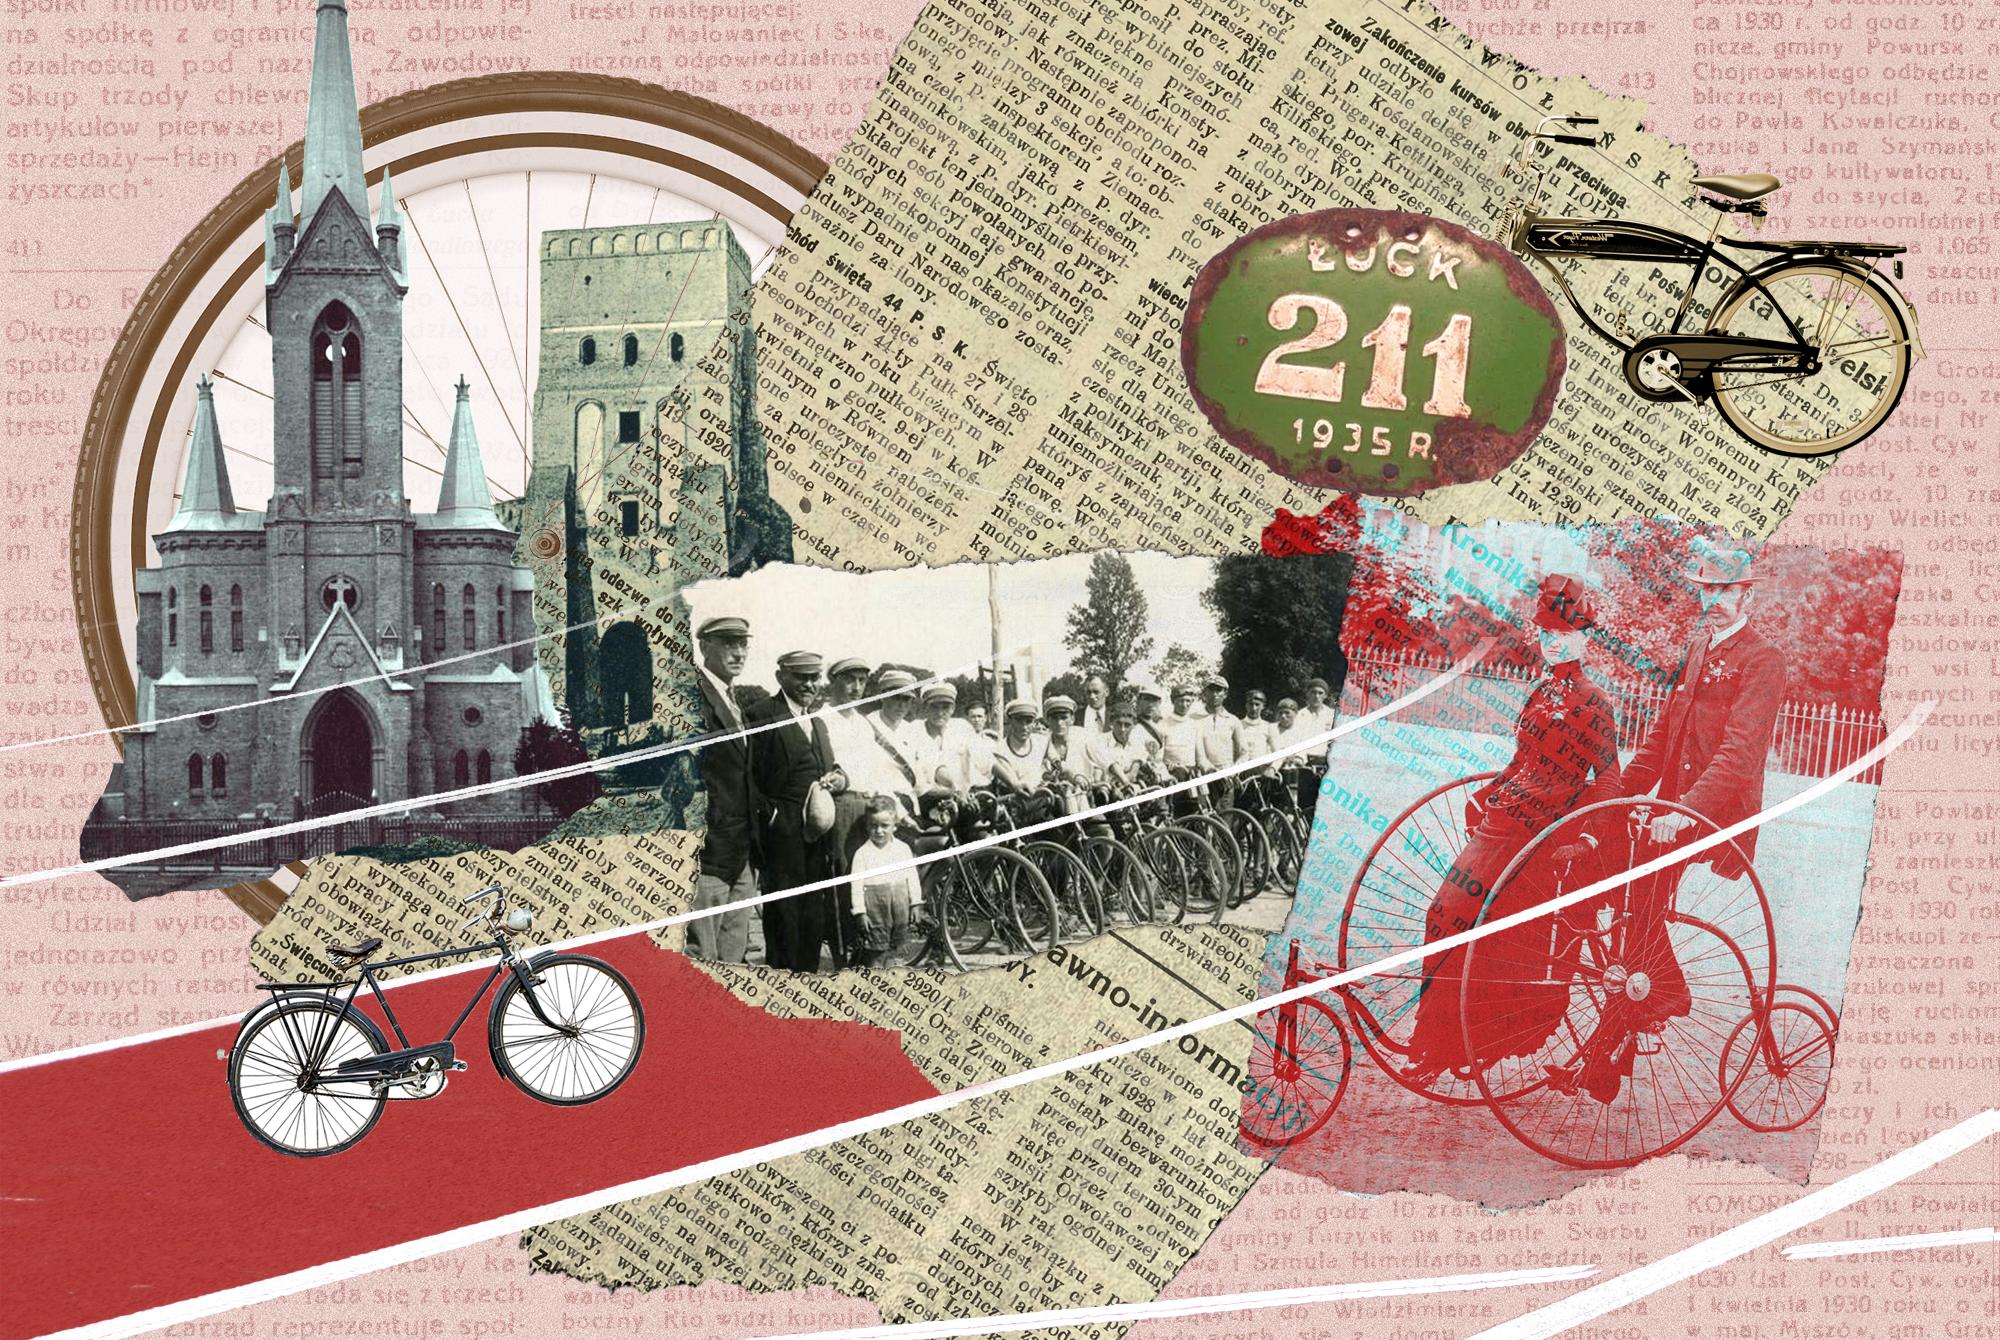 Цікава історія луцького велосипеда